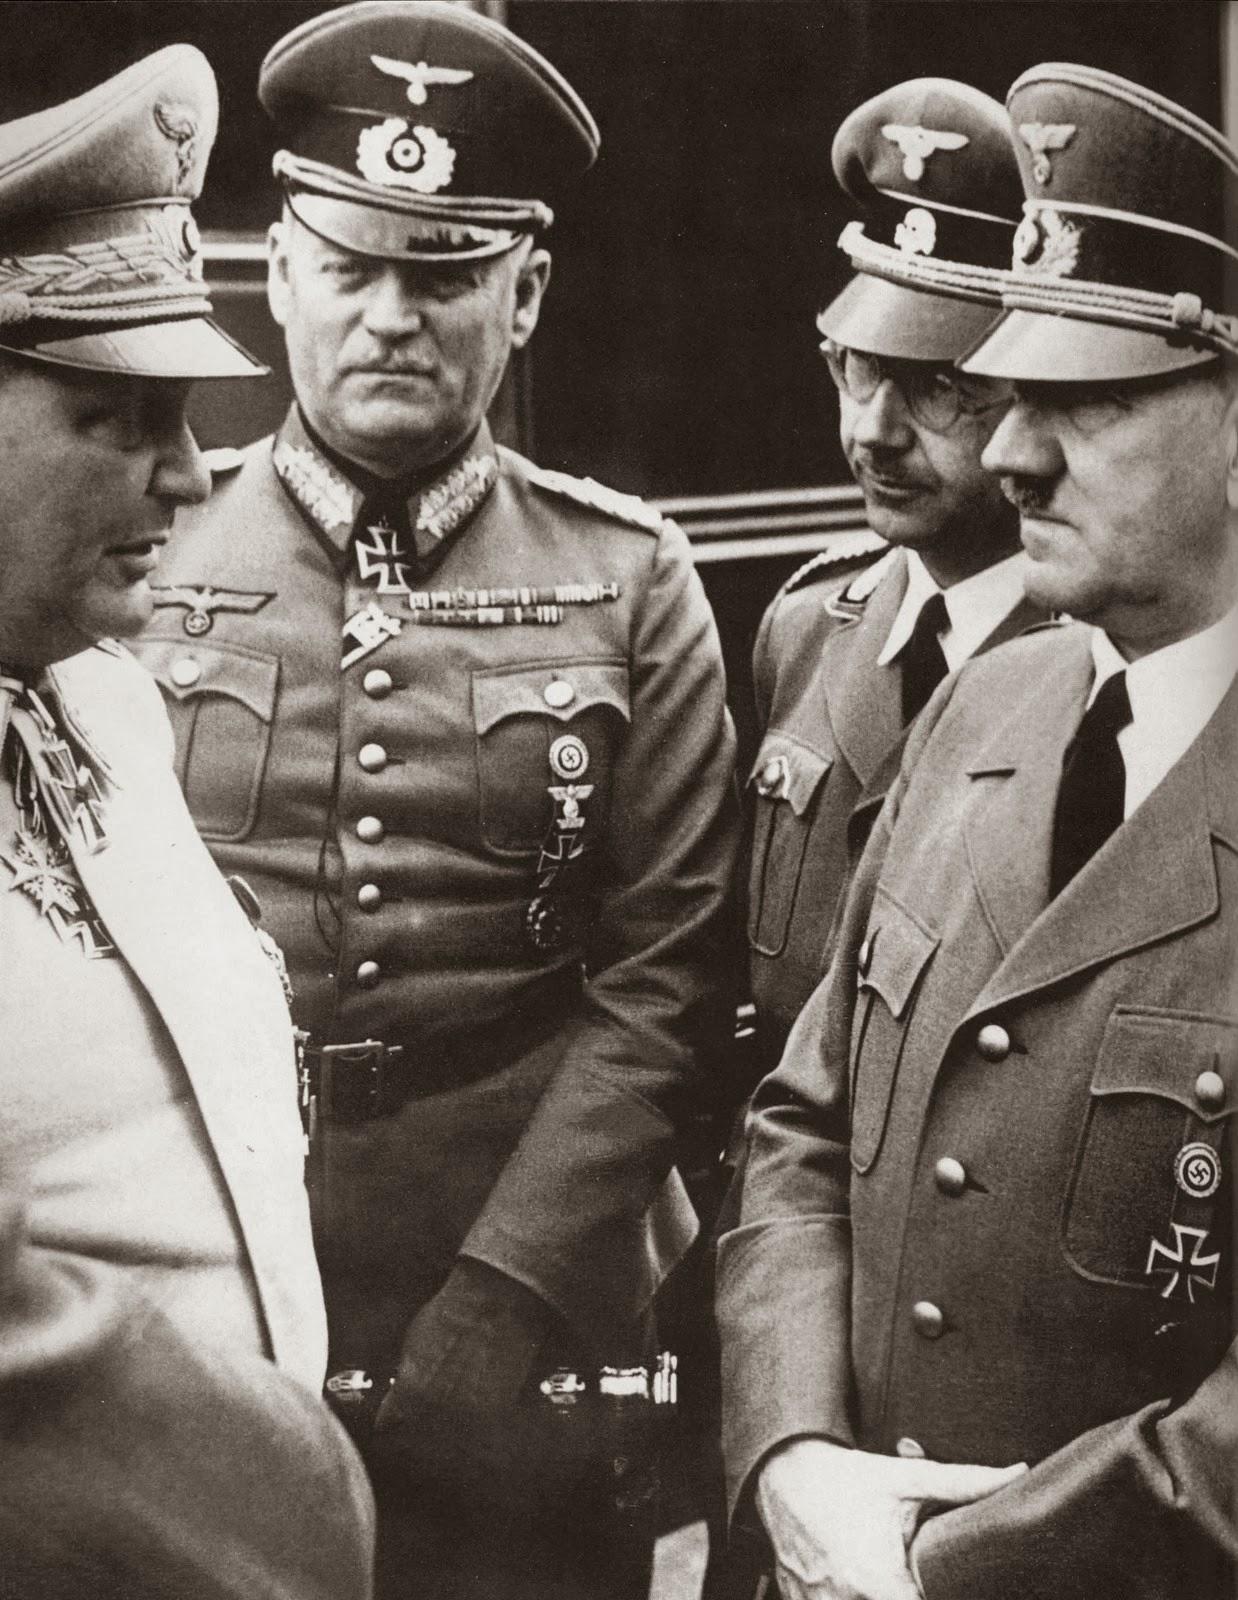 Hitler, W. Goering, W. Keitel, and H. Himmler